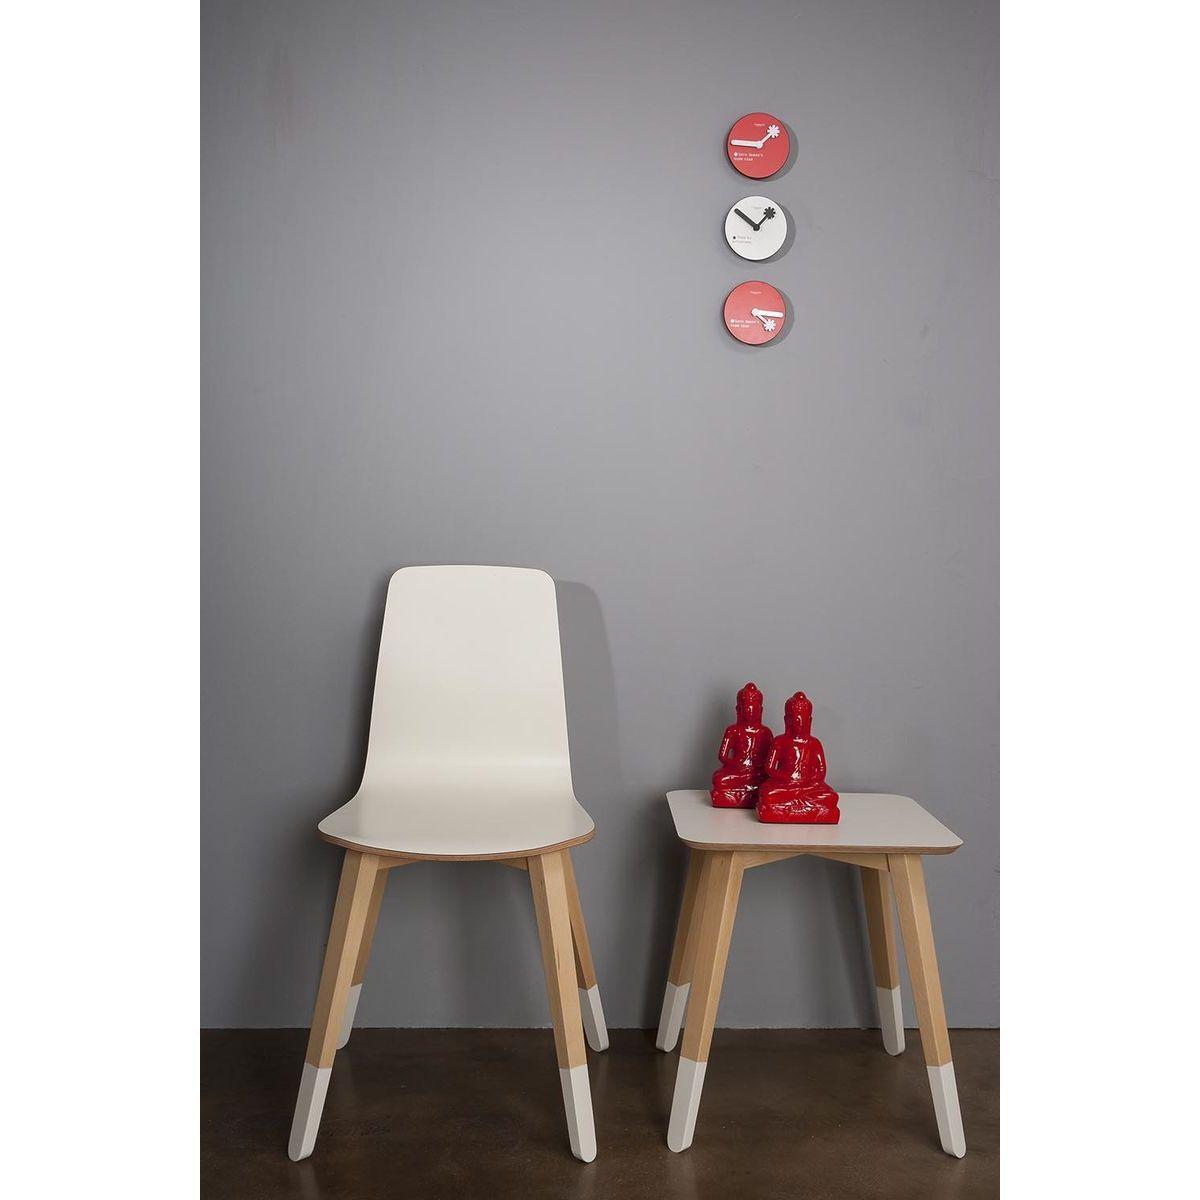 Tavolino basso in faggio con ripiano quadrato di colore bianco